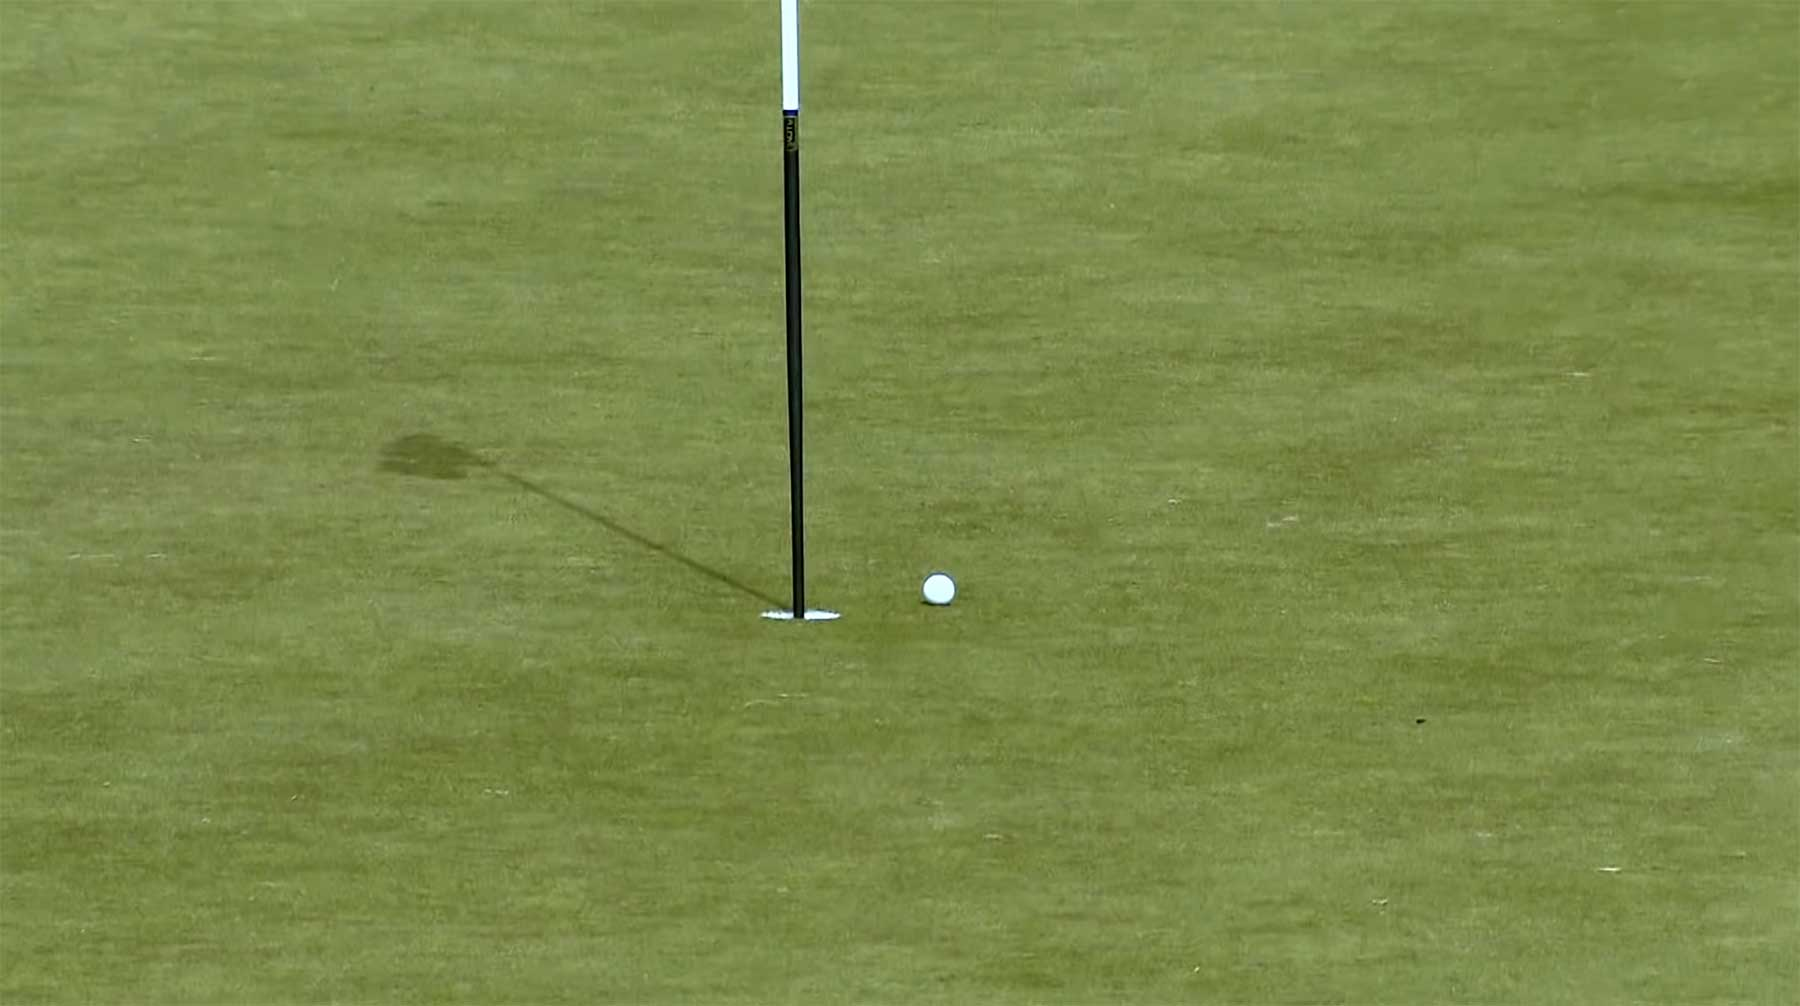 Profi-Golfer Andy Sullivan versucht, mit 500 Bällen ein Hole-in-One zu schlagen